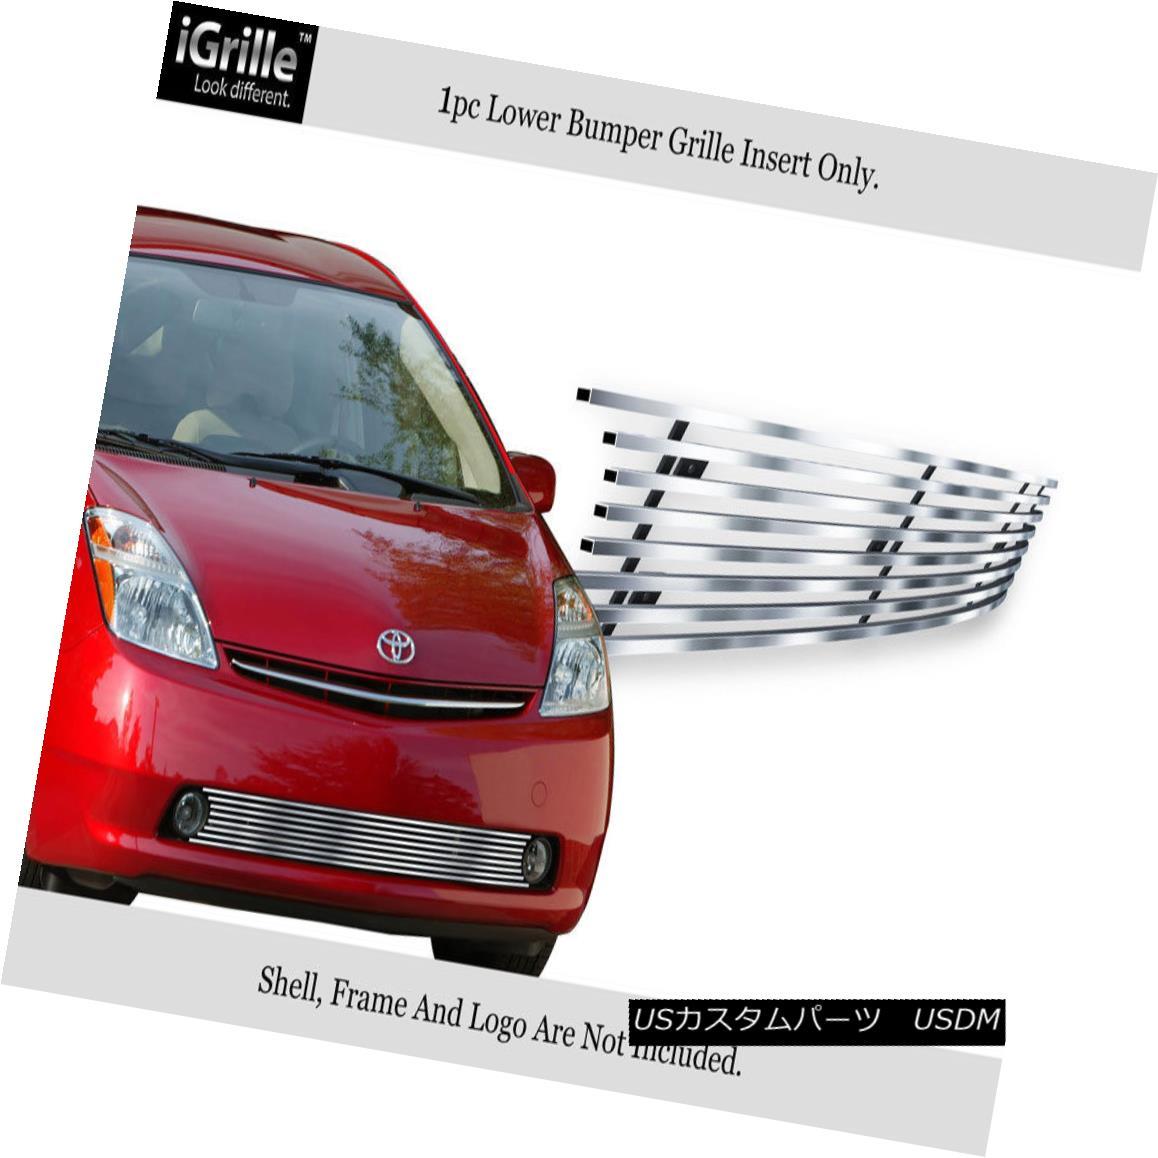 グリル Fits 2006-2009 Toyota Prius Bumper Stainless Steel Billet Grille Insert フィット2006-2009トヨタプリウスバンパーステンレス鋼ビレットグリルインサート